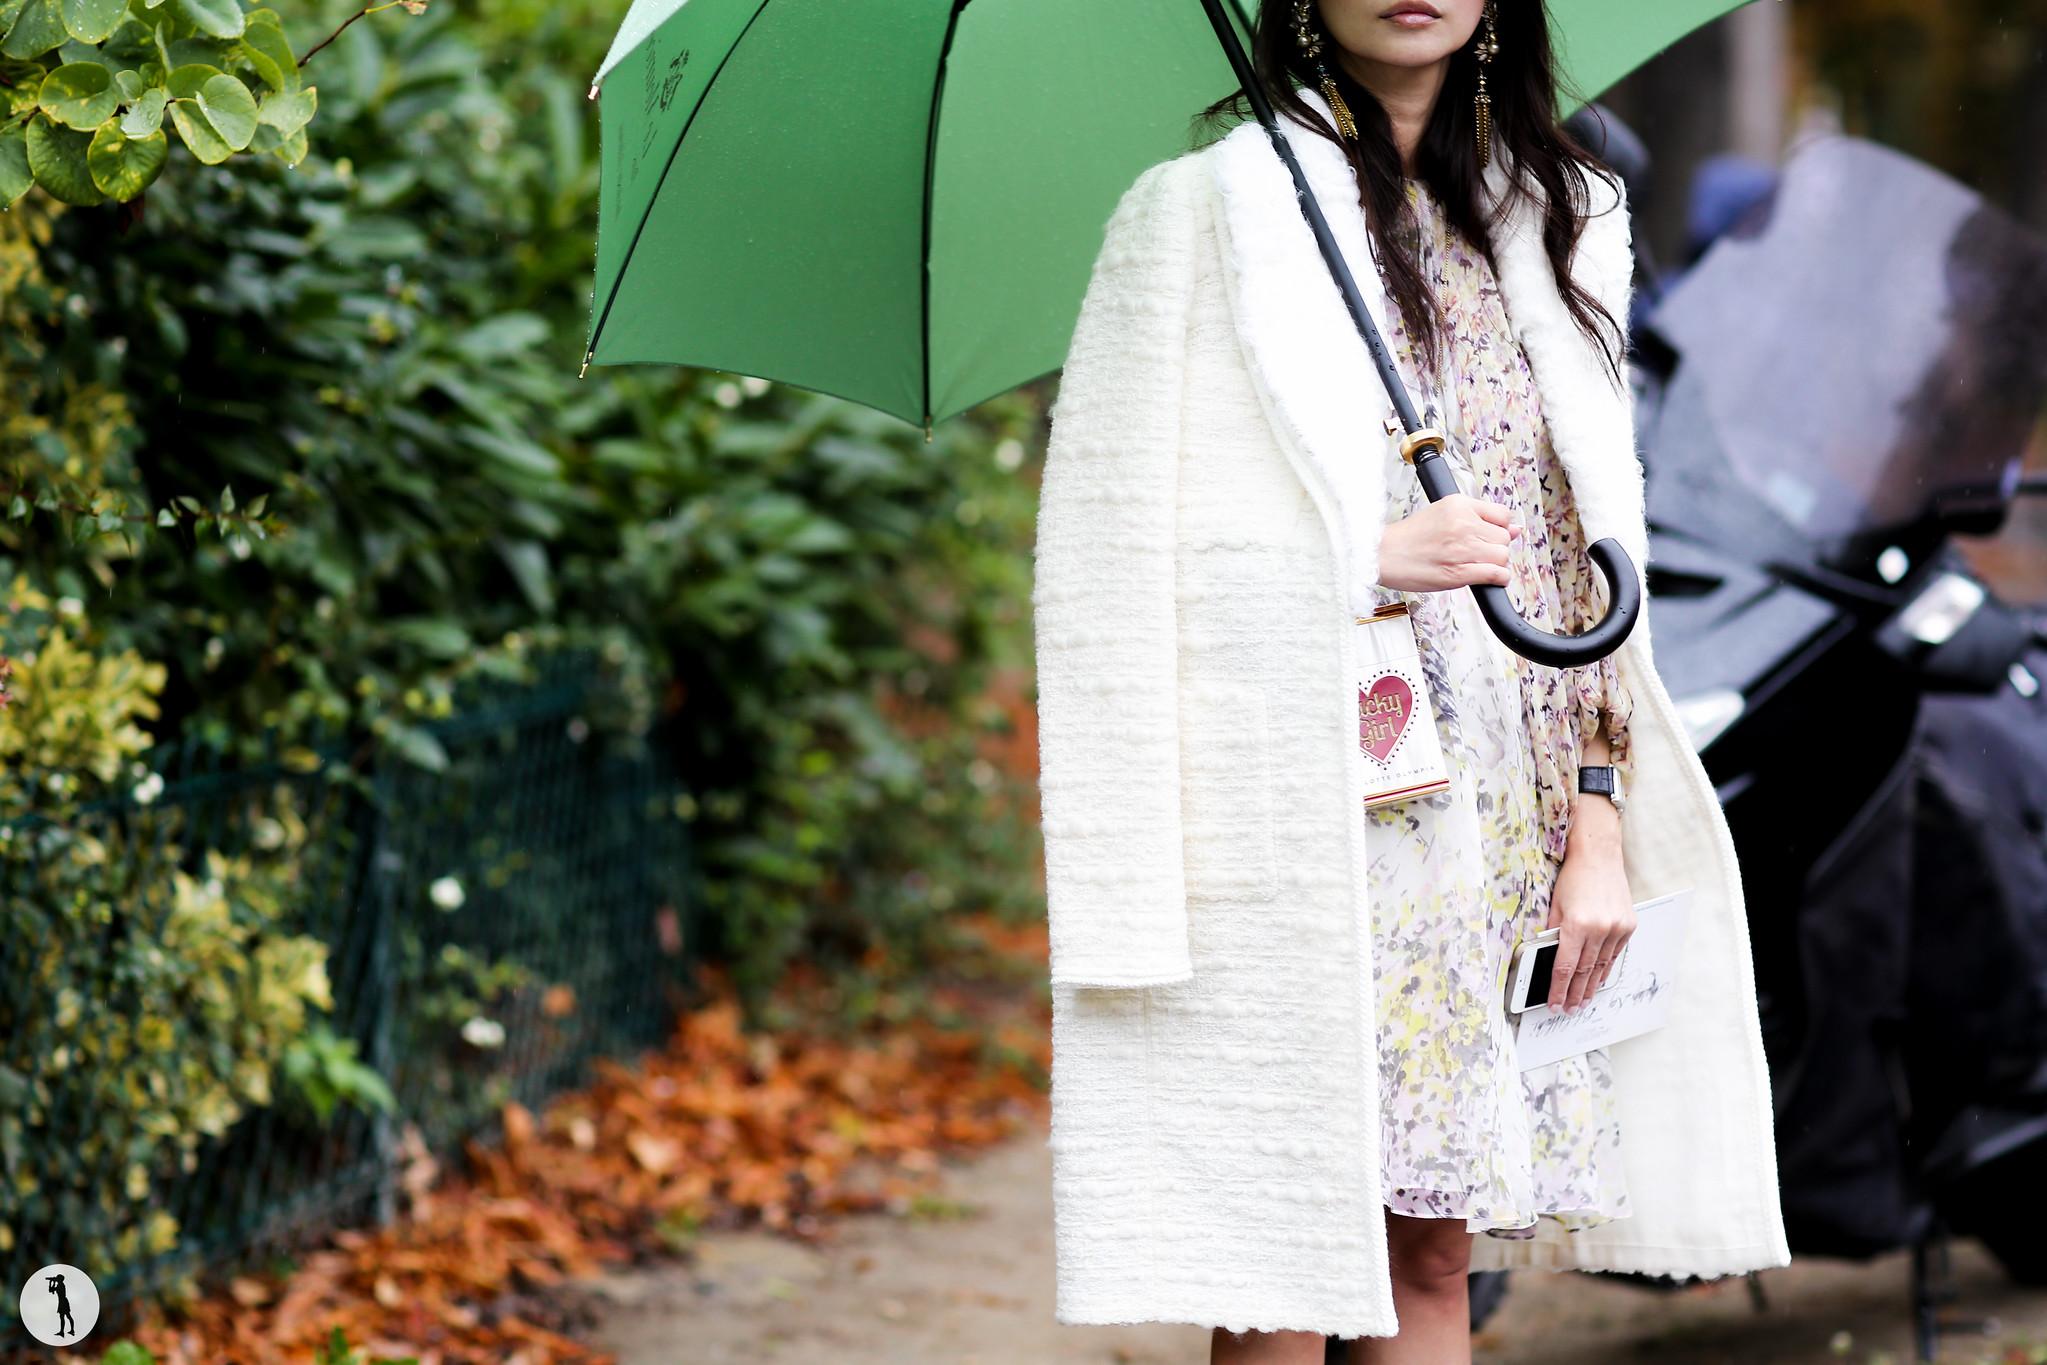 Street style at Paris Fashion Week-2 6